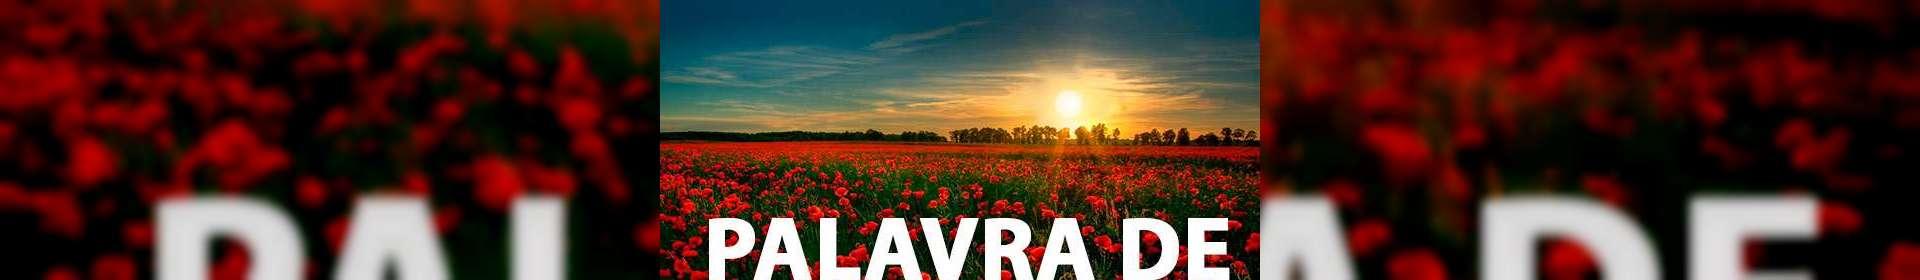 Salmos 113:1 - Uma Palavra de Esperança para sua vida